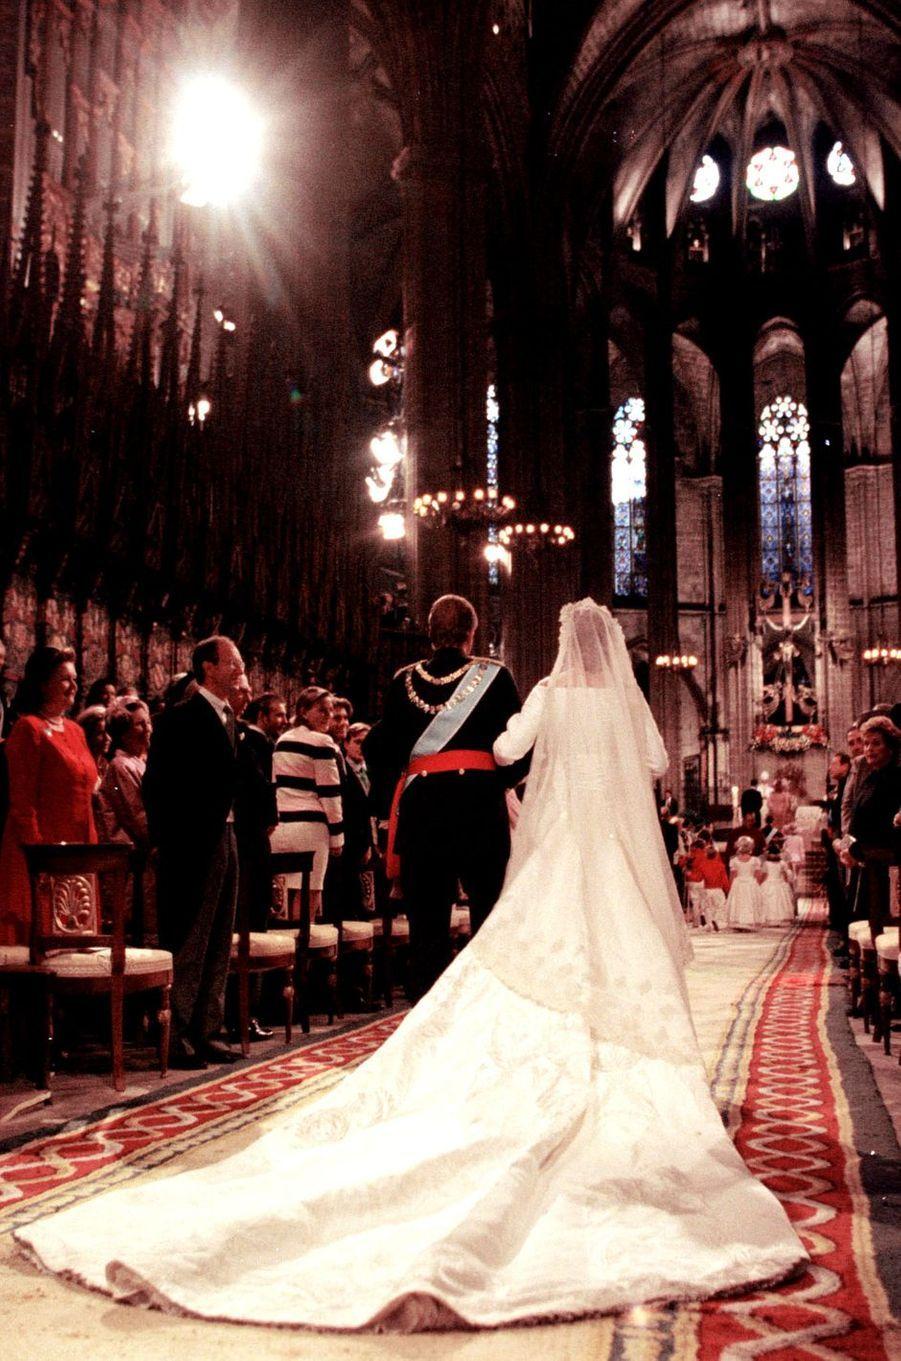 L'infante Cristina d'Espagne le jour de son mariage avec son père le roi Juan Carlos, à Barcelone le 4 octobre 1997